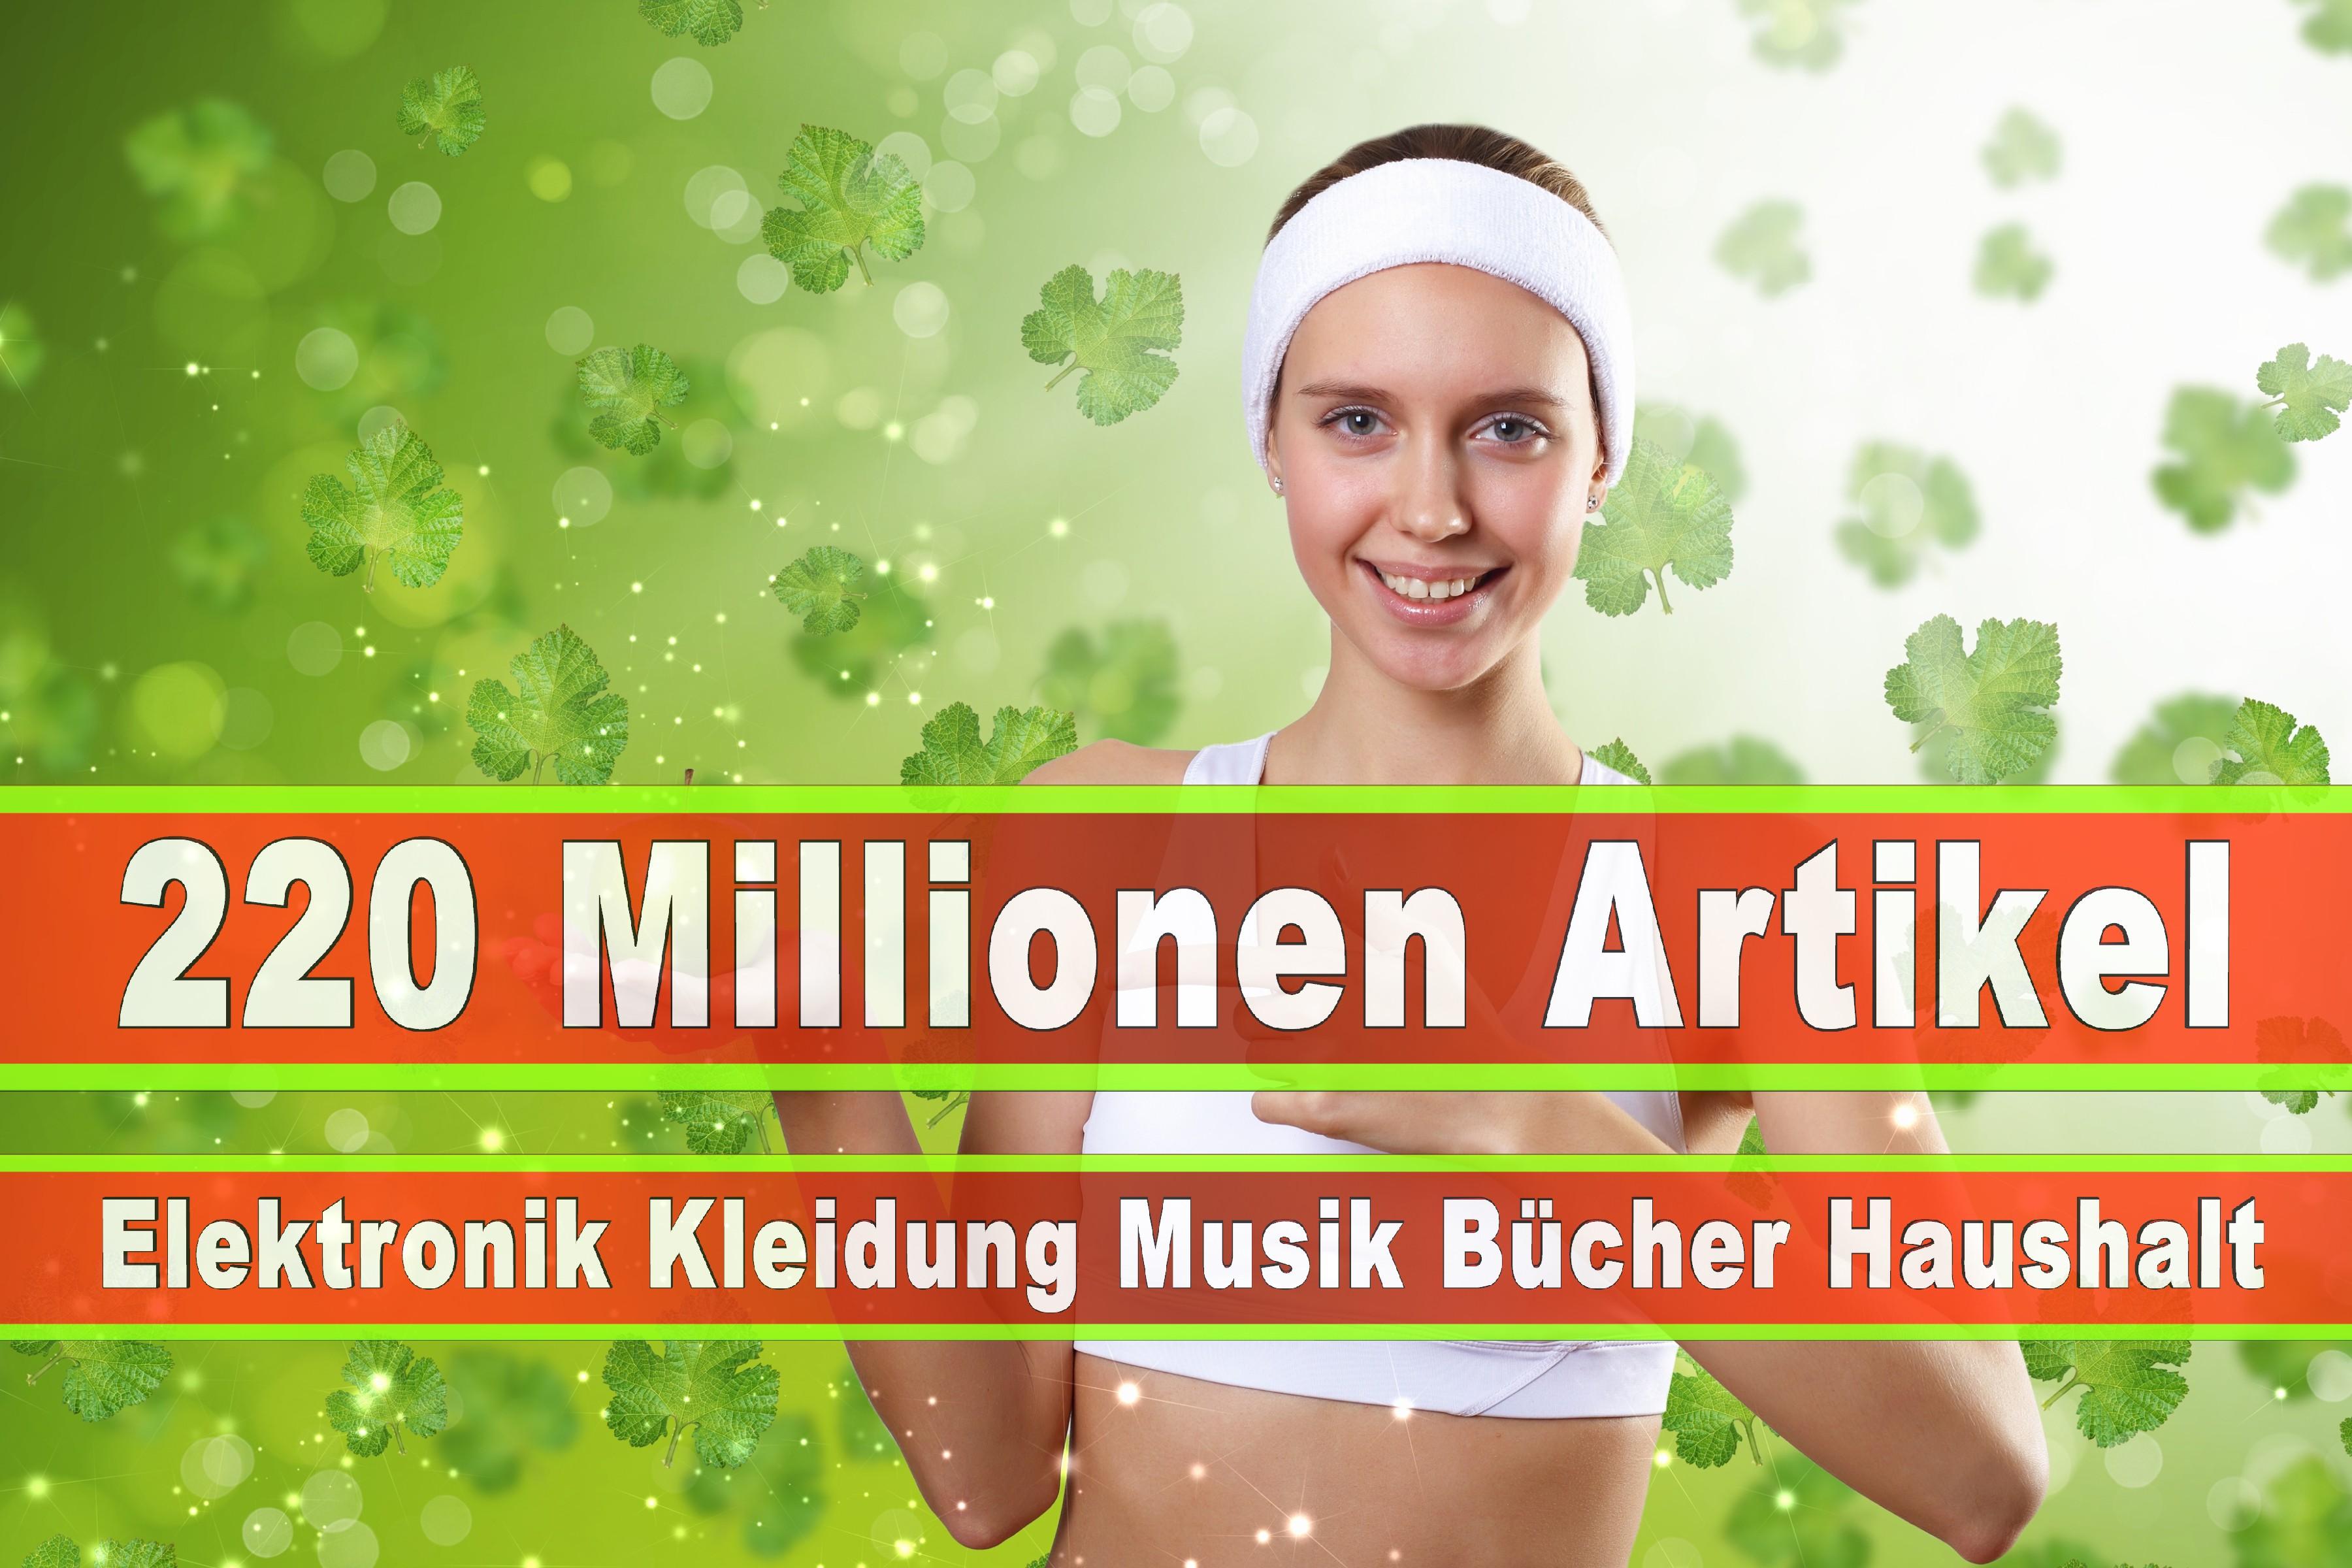 Amazon Elektronik Musik Haushalt Bücher CD DVD Handys Smartphones TV Television Fernseher Kleidung Mode Ebay Versandhaus (233)